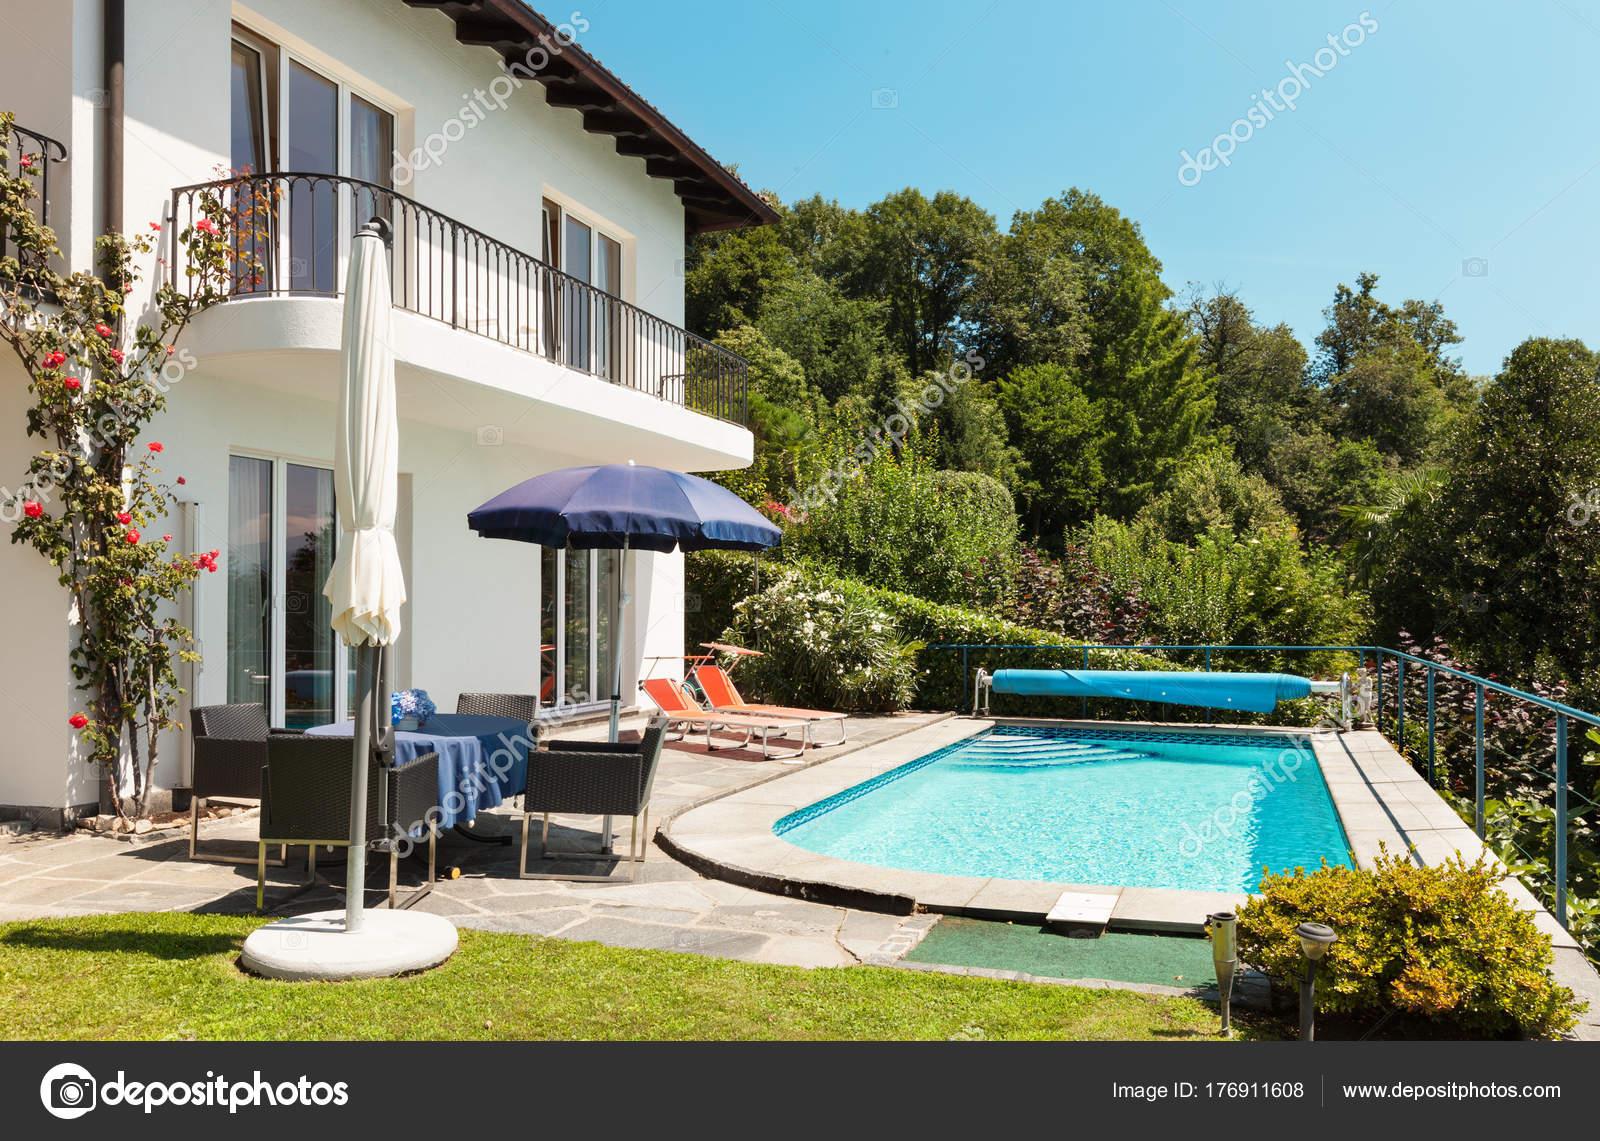 Huis terras met zwembad u2014 stockfoto © zveiger #176911608